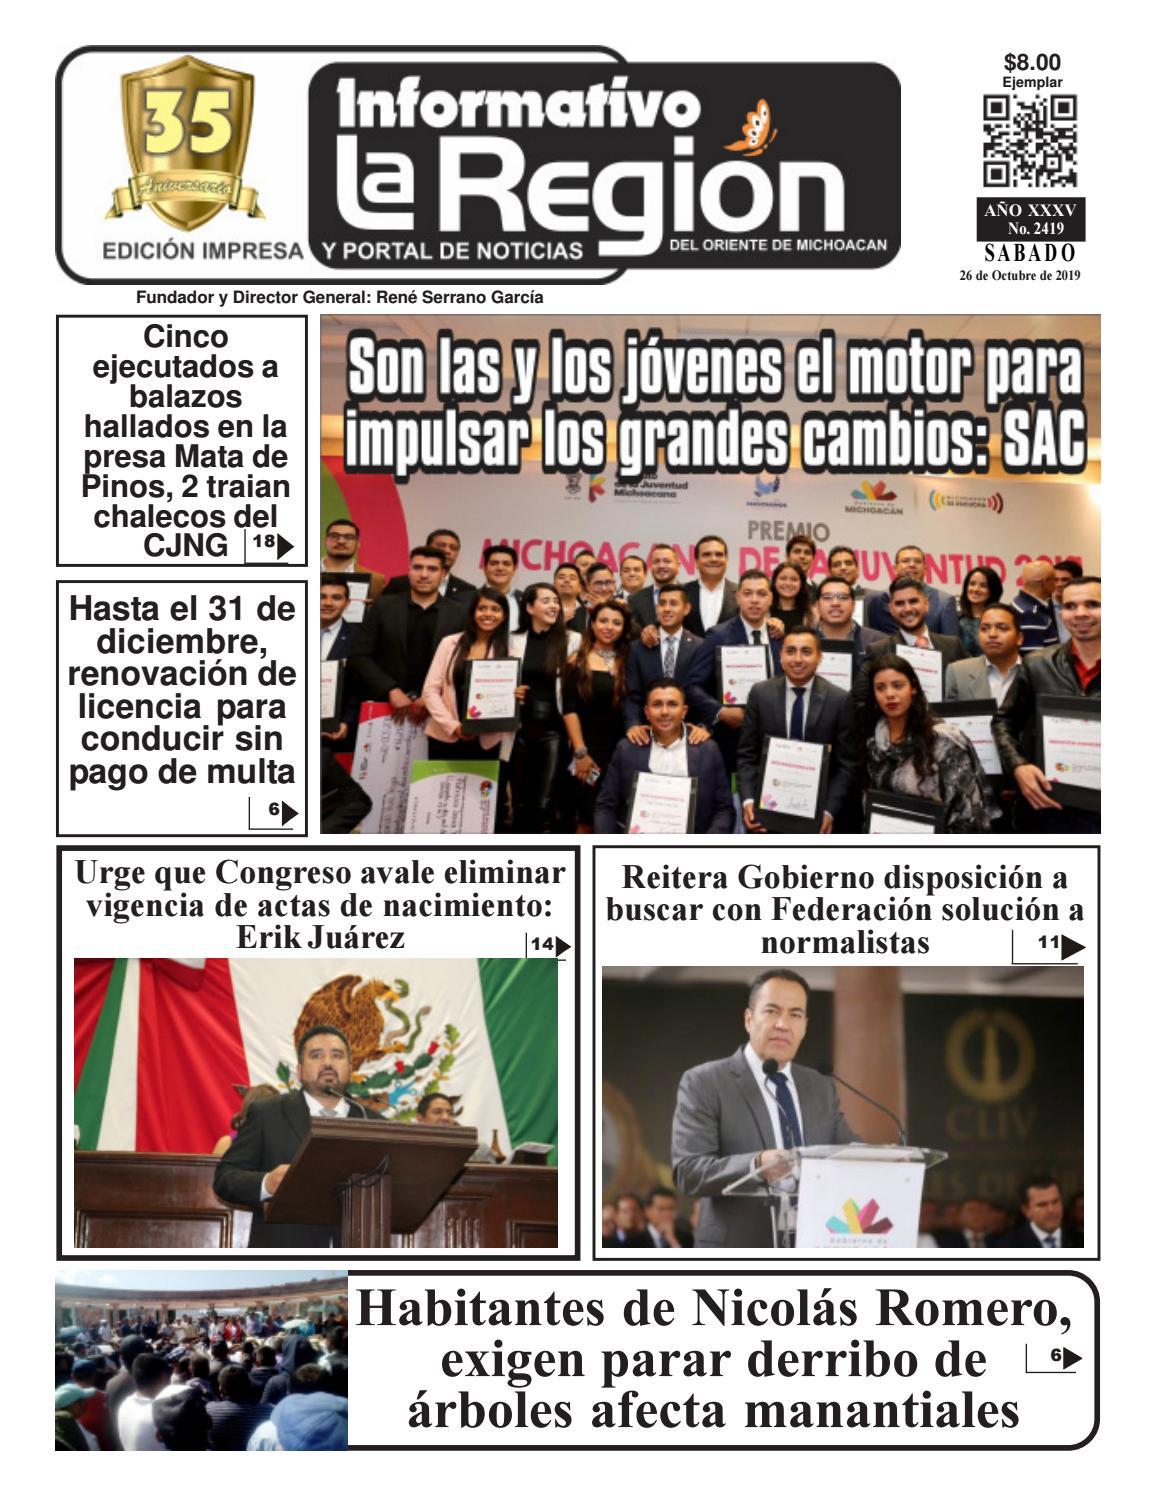 Informativo Laregión 2419 26 Octubre 2018 By Informativo